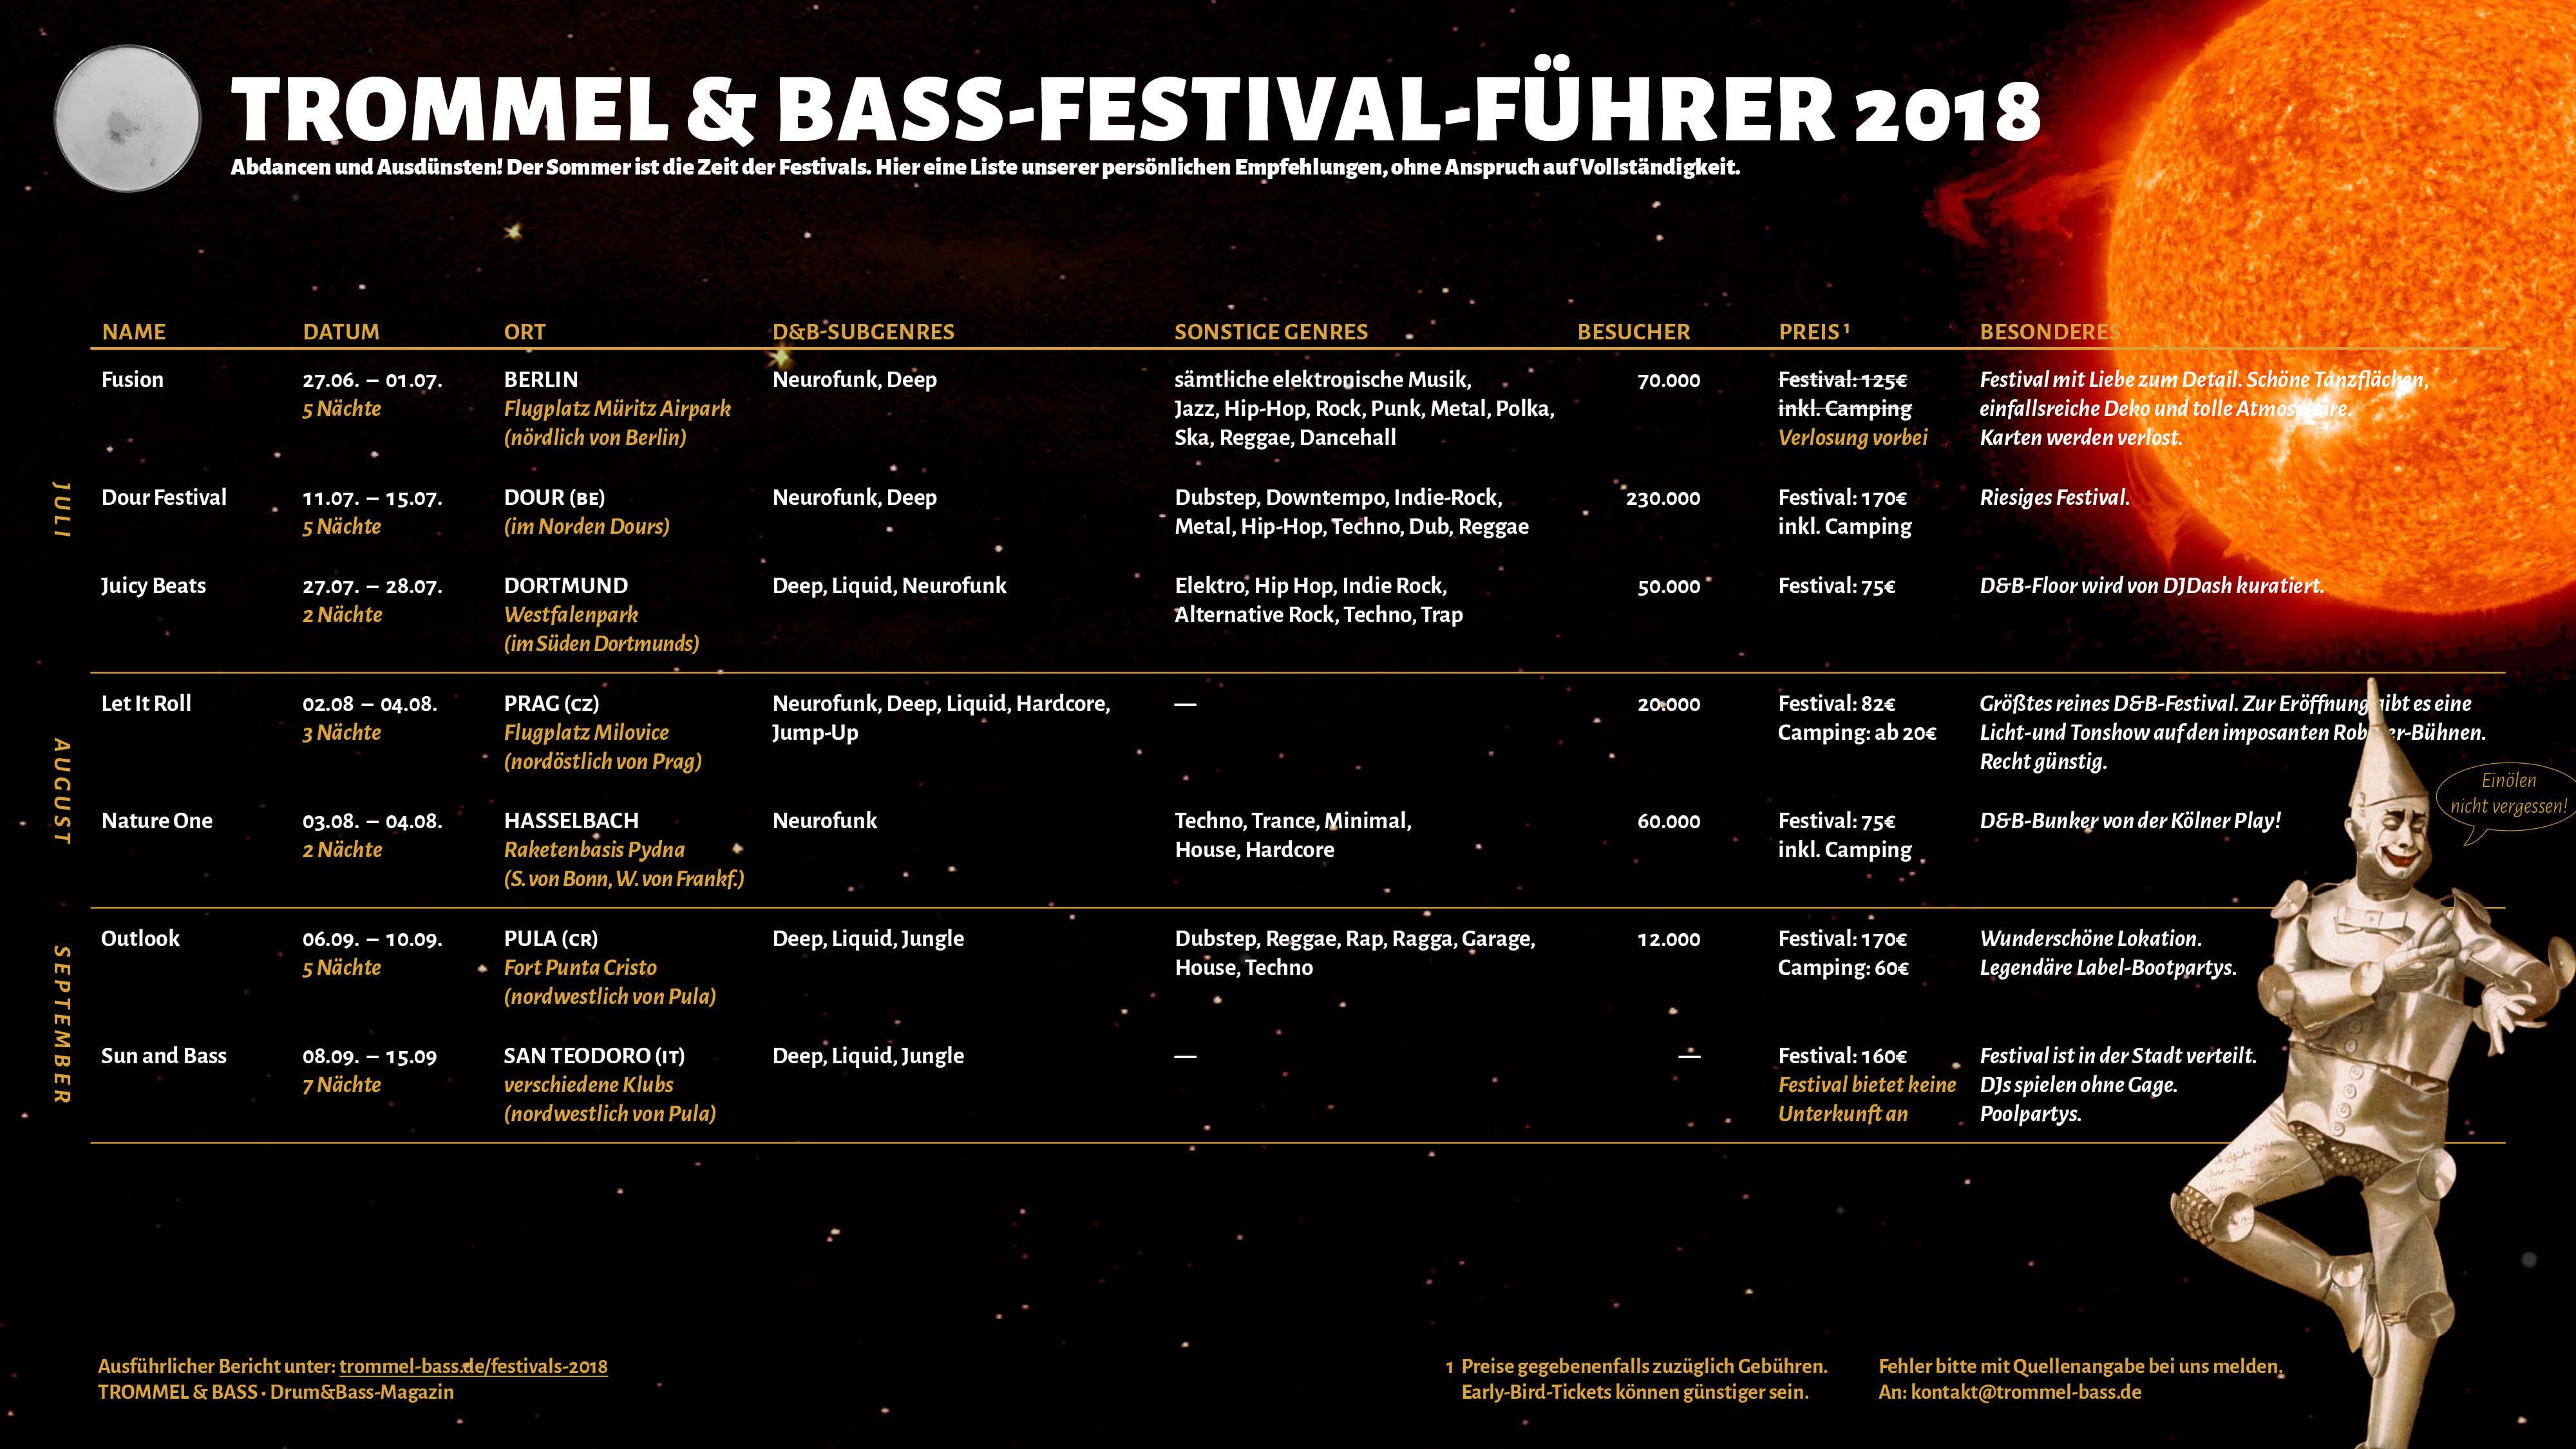 der Trommel & Bass Festival-Führer: Übersicht